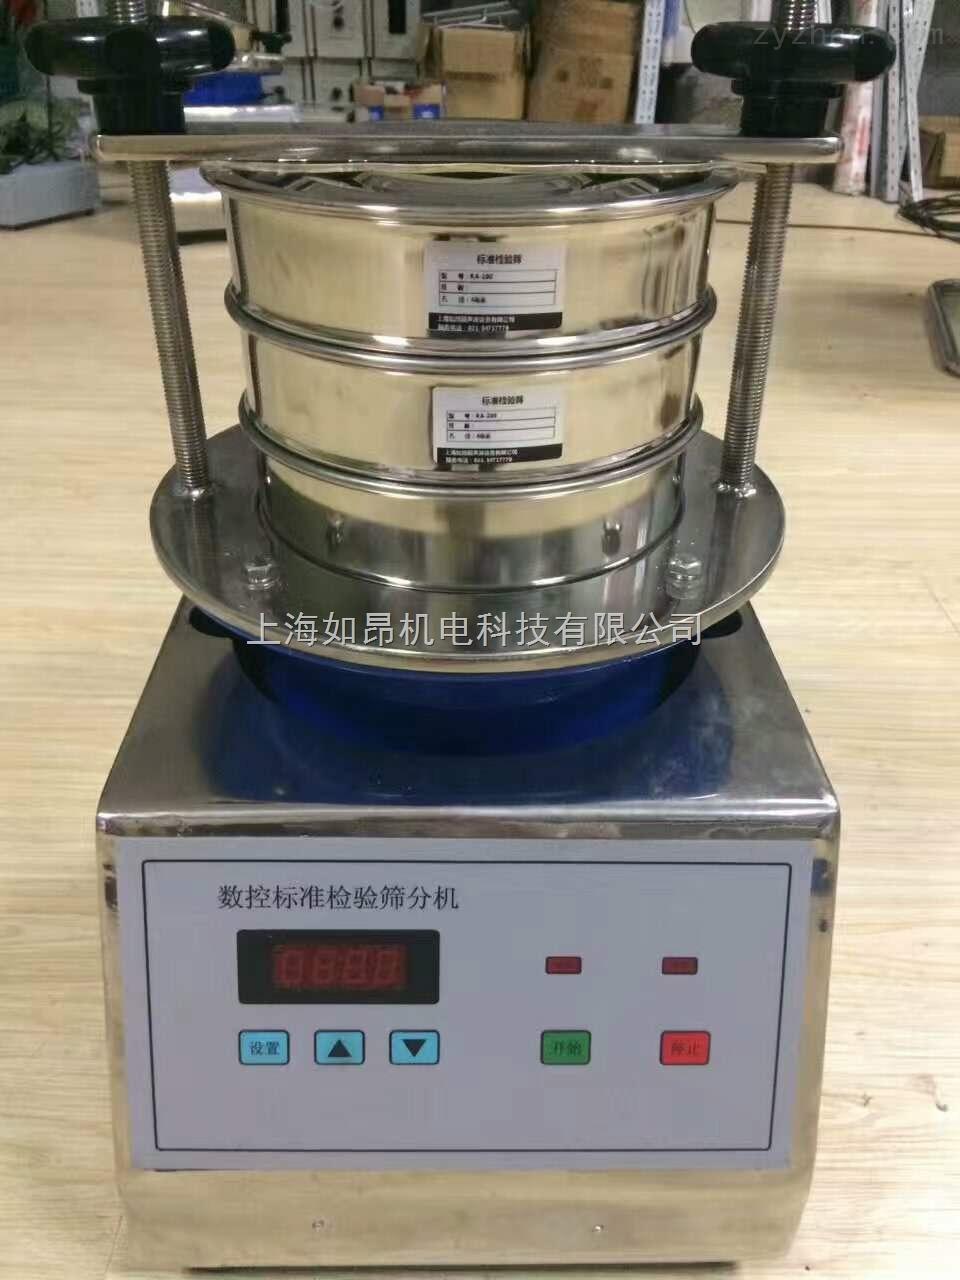 小型多功能检验筛200mm粉末分析检验设备